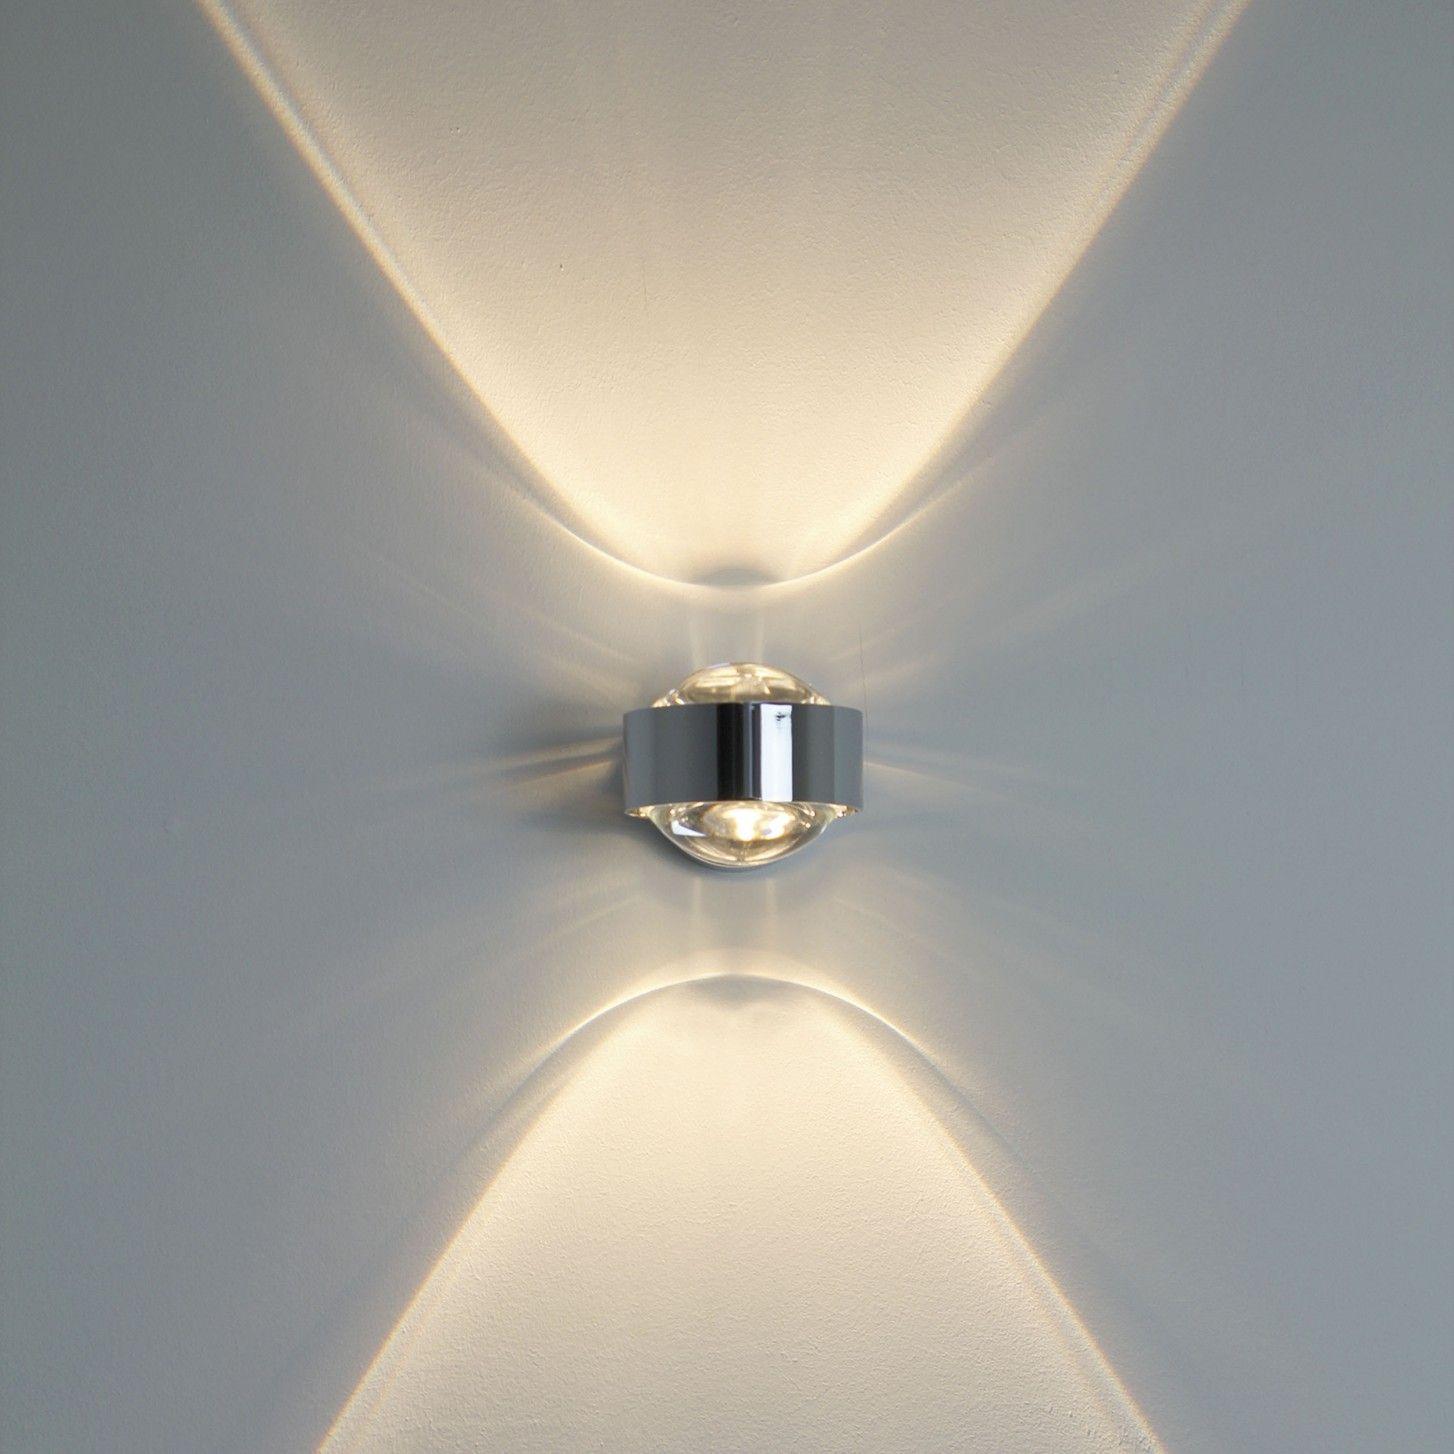 Puk Wall Wandleuchte Von Top Light Im Ikarus Design Shop Wandleuchte Lampen Treppenhaus Beleuchtung Wohnzimmer Decke